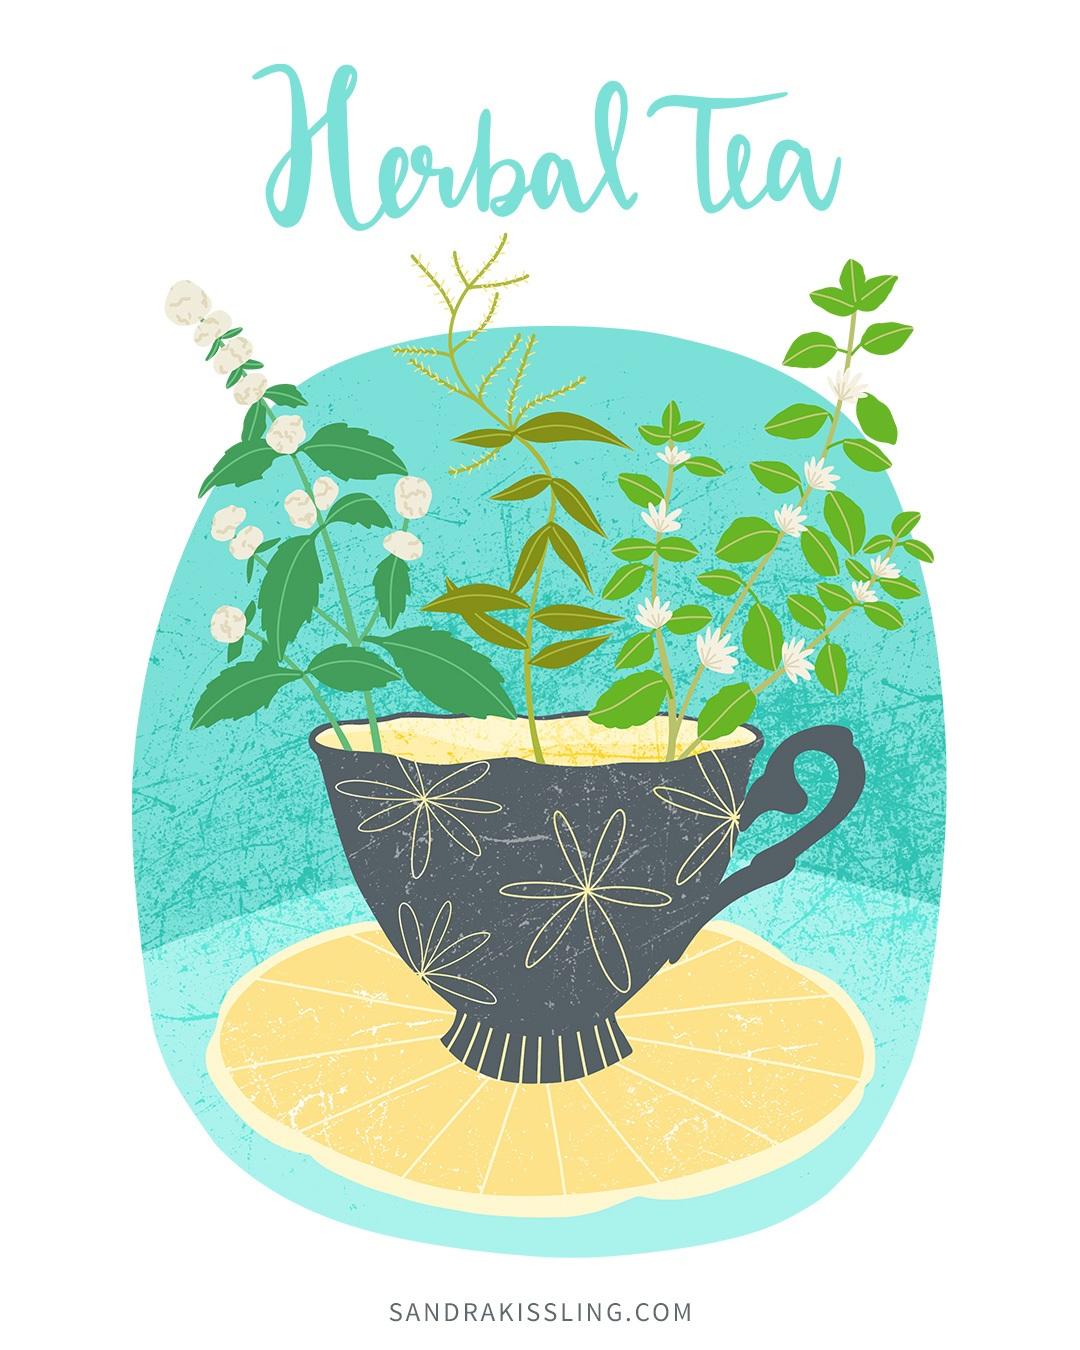 herbal-tea-illustration.jpg